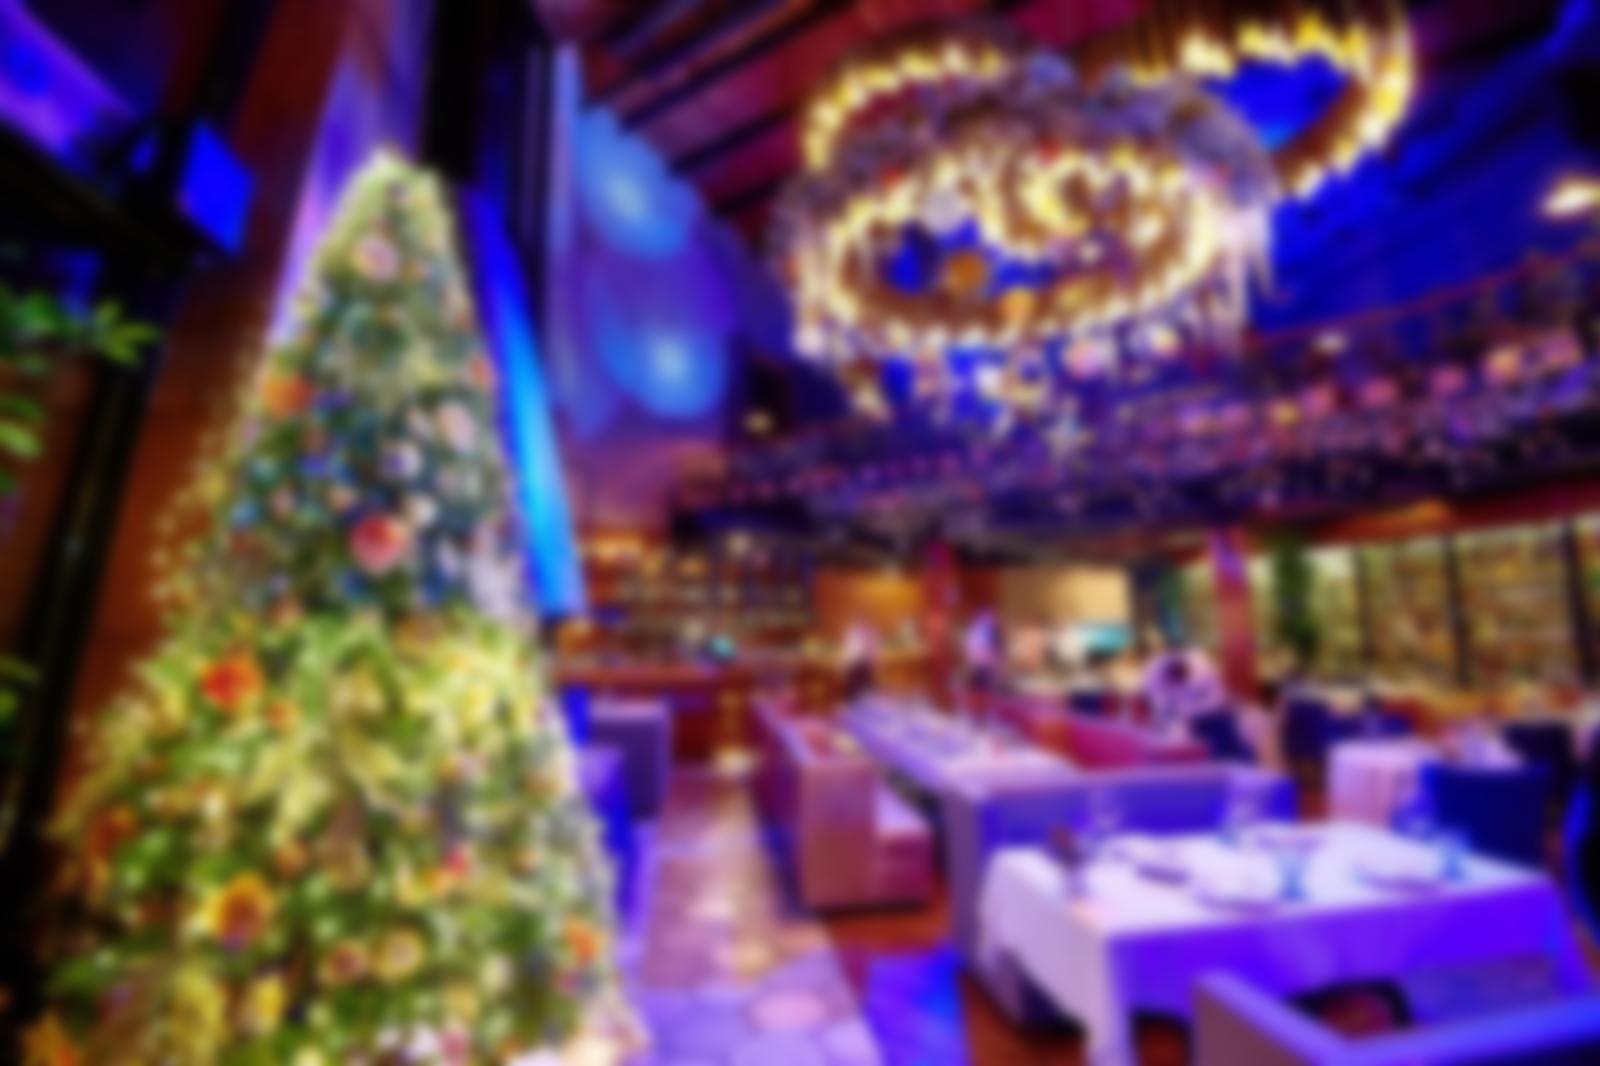 картинки новогодние ресторанов